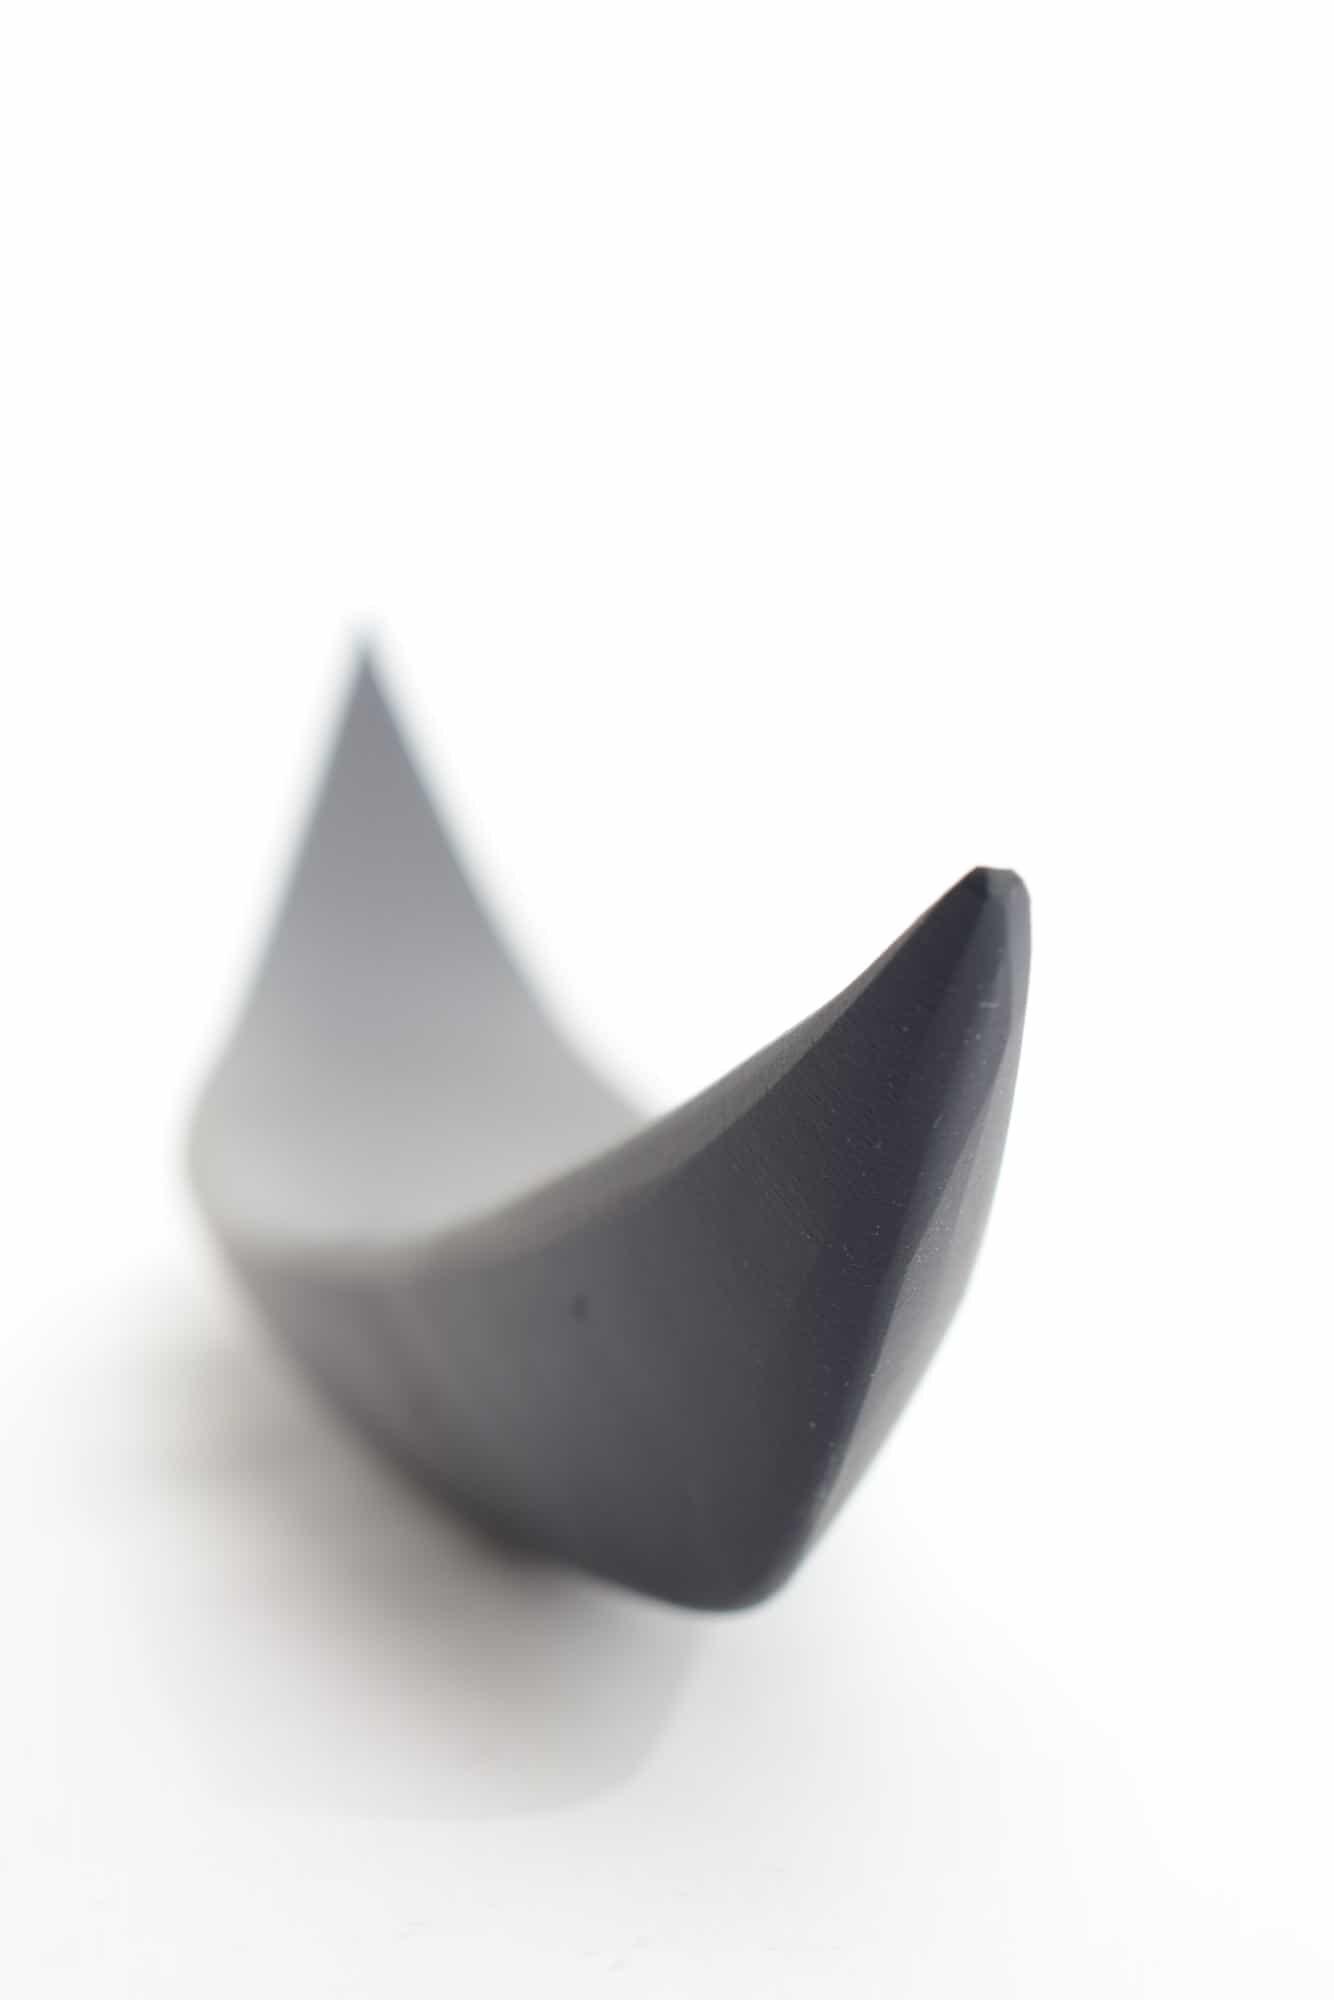 Satinierte Gondel aus Muranoglas - (Art. 34135)